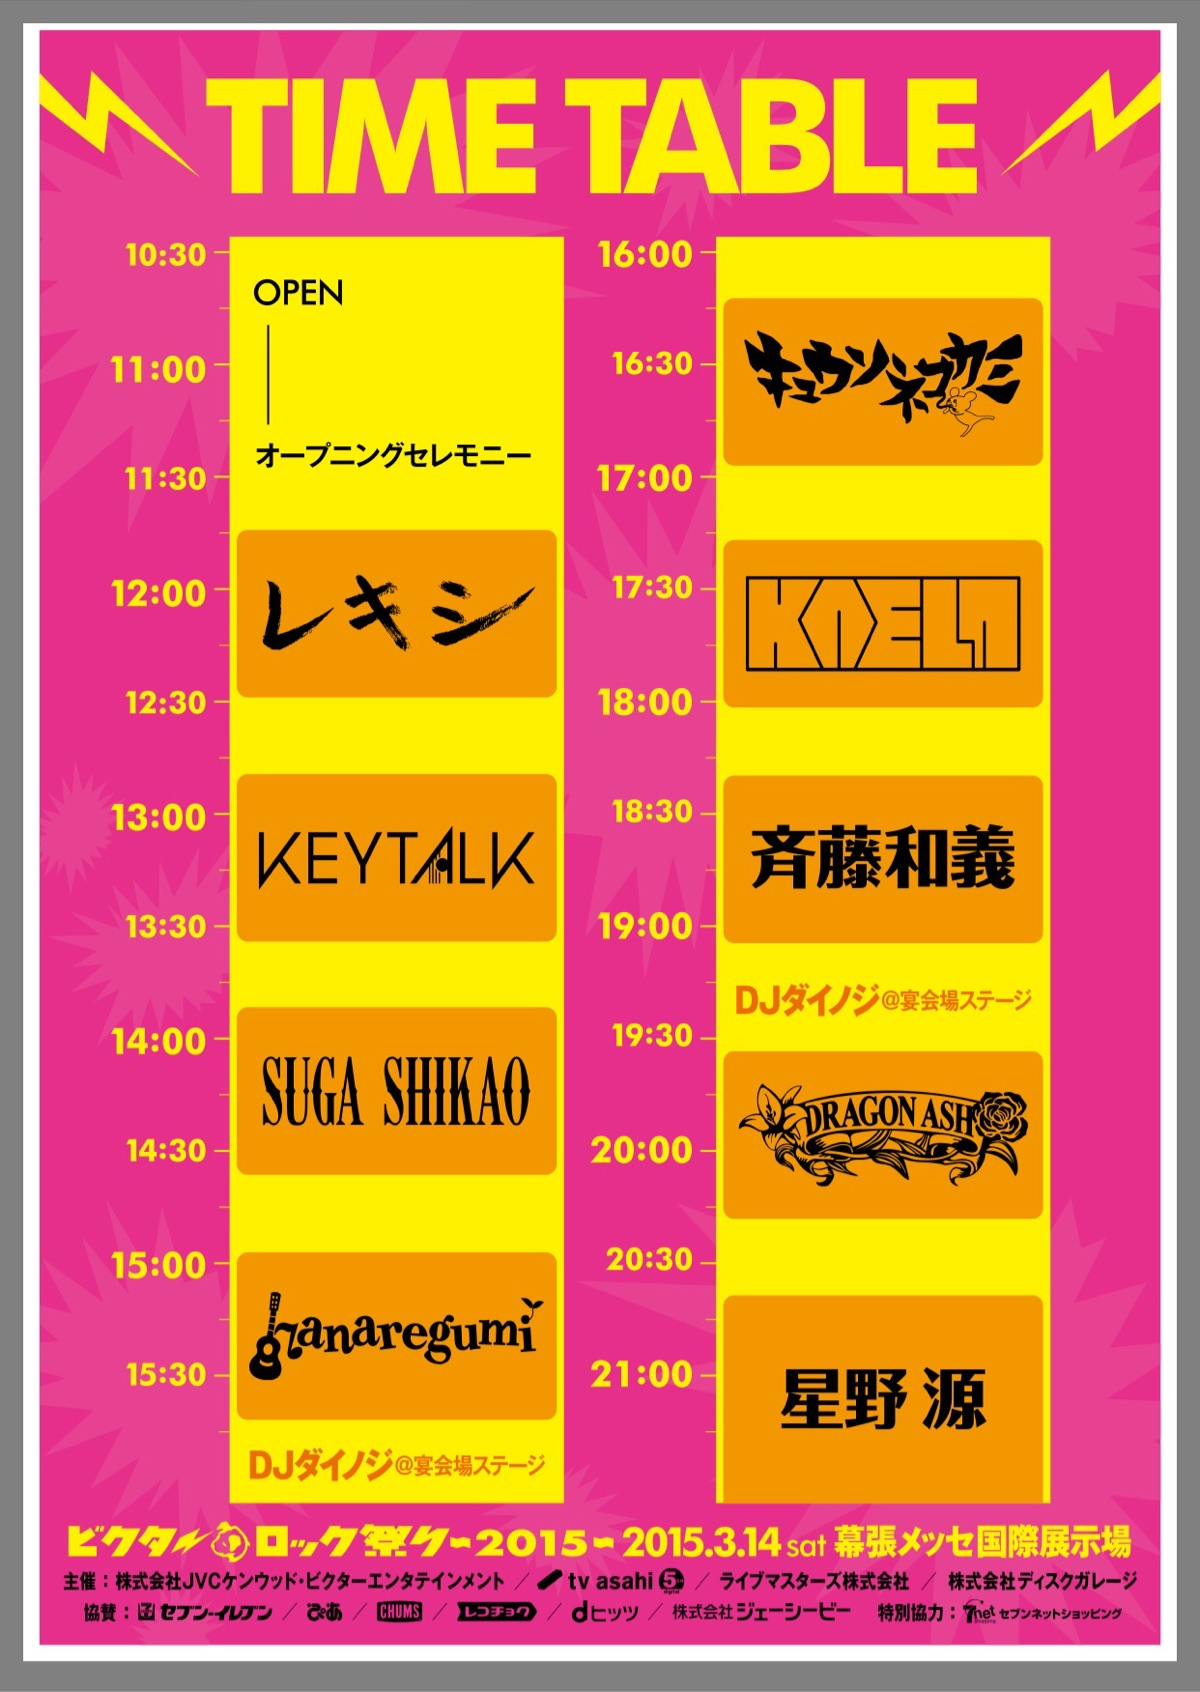 ビクターロック祭り2015